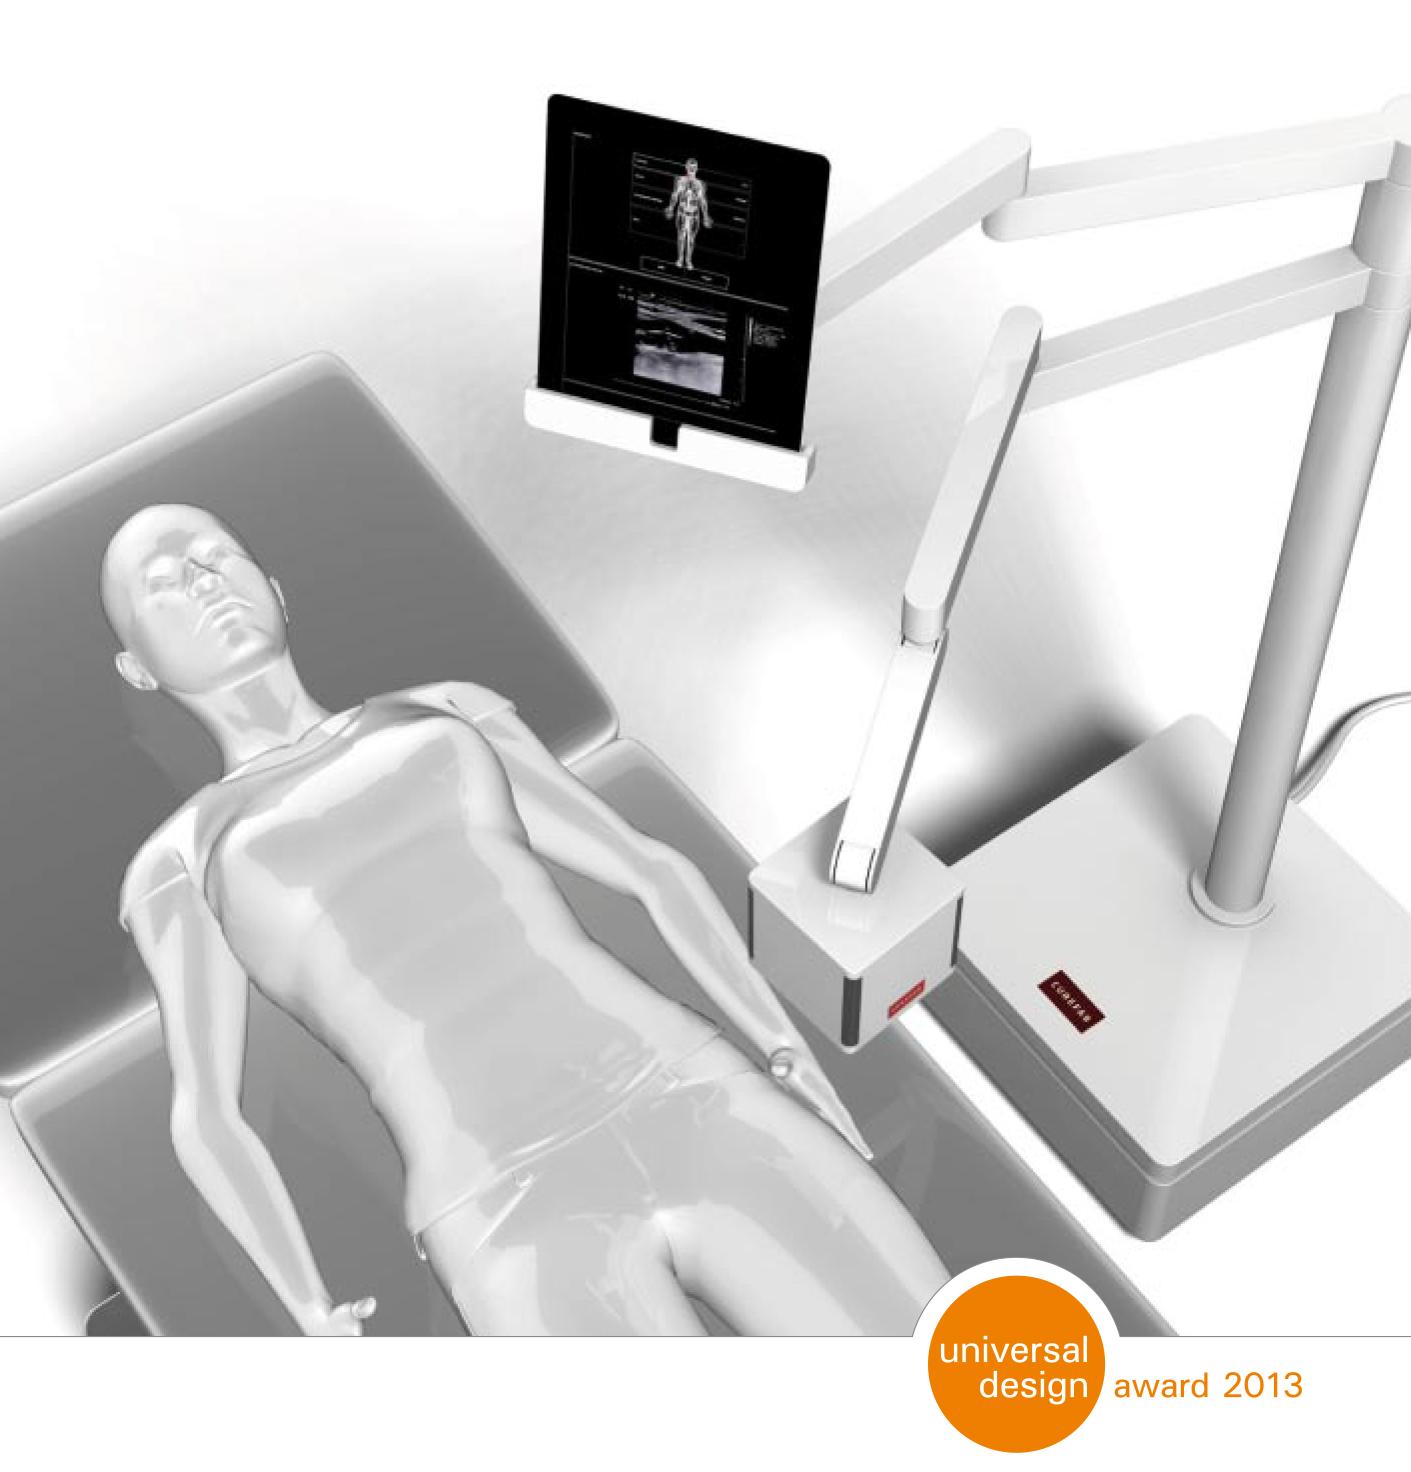 Foto - Curefab 3D-Ultraschallgerät 1 © Verena Voppichler, Technische Universität München